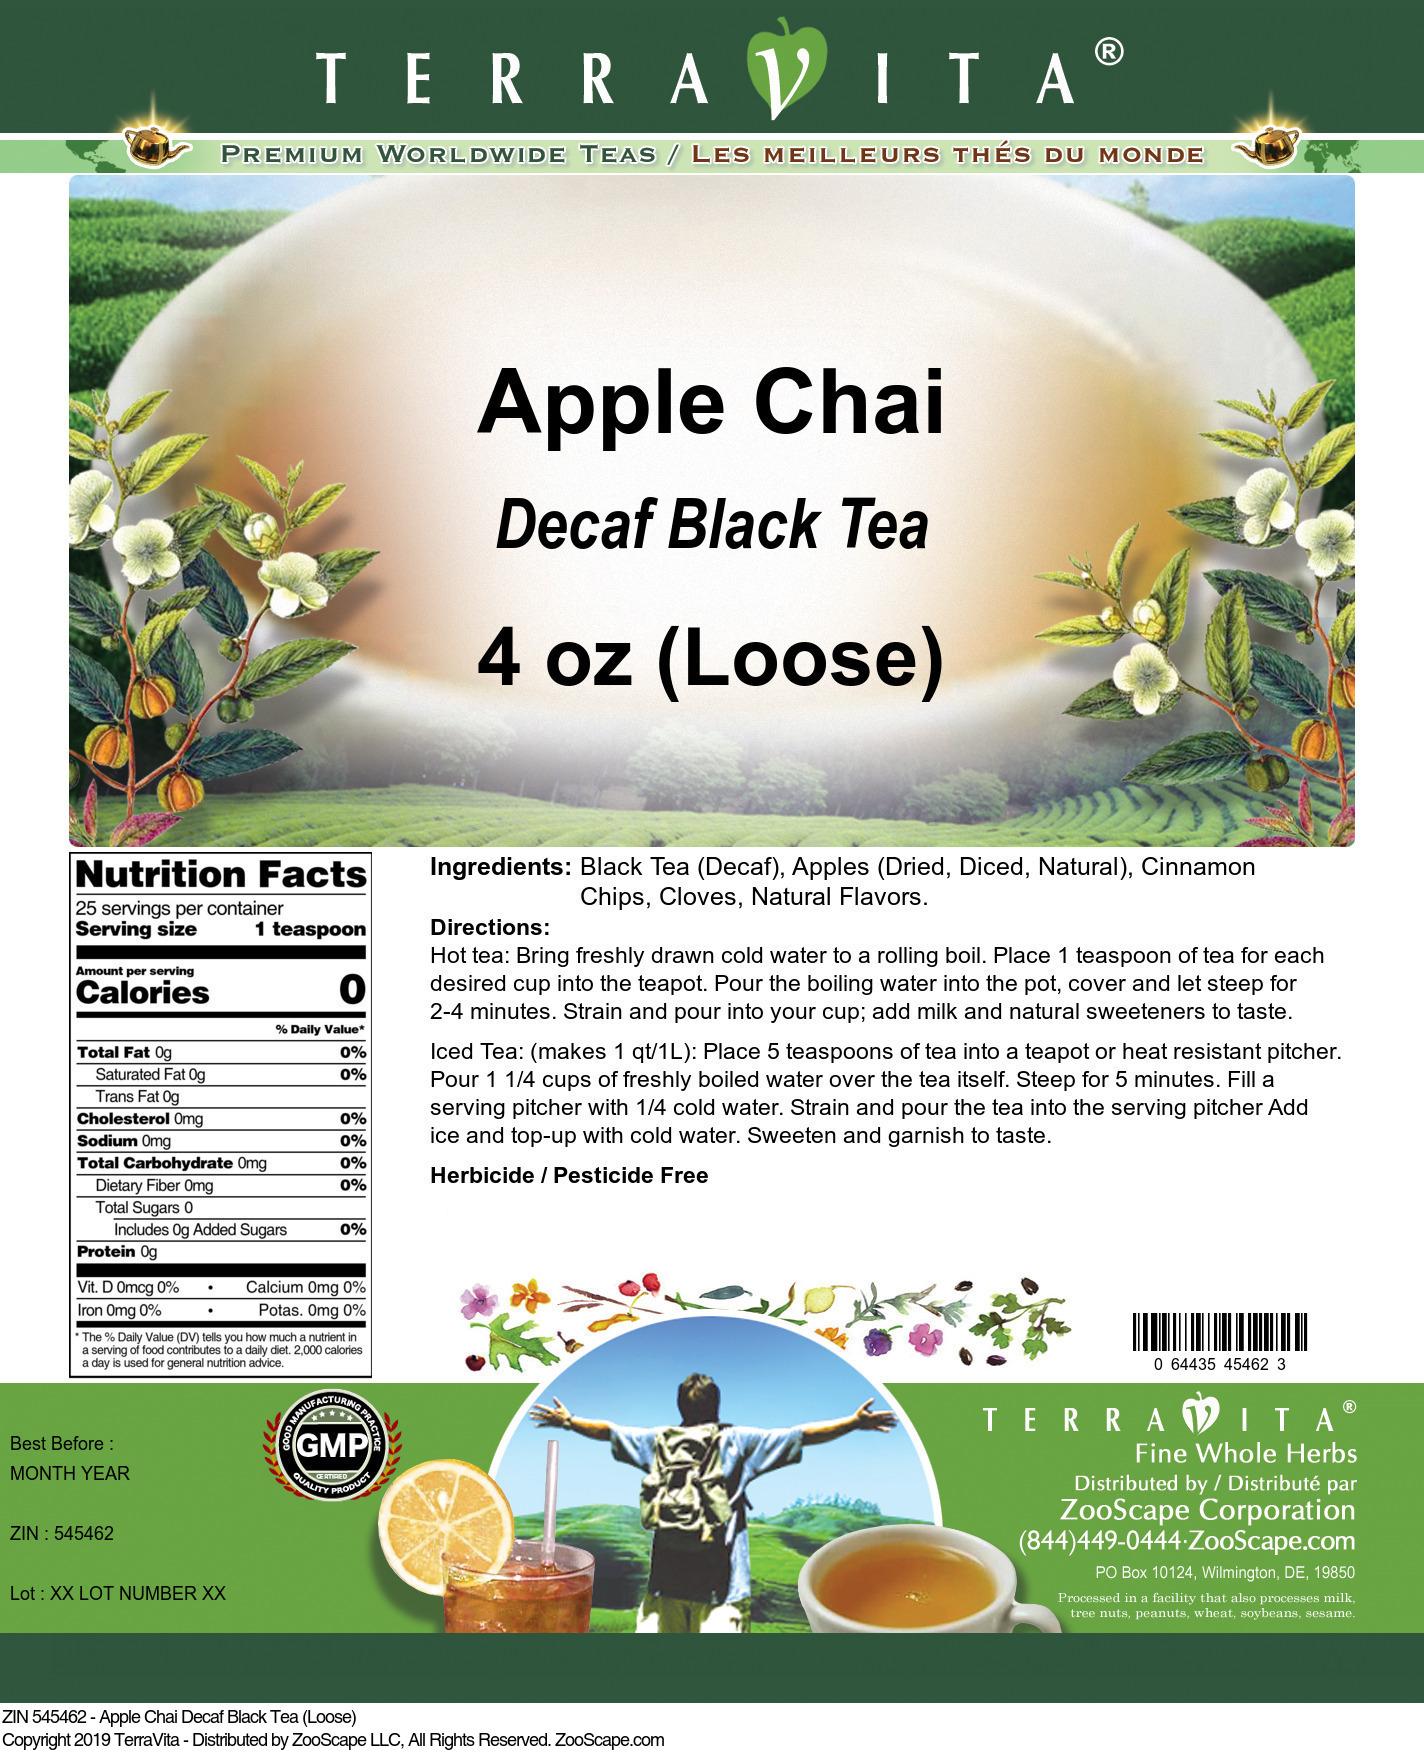 Apple Chai Decaf Black Tea